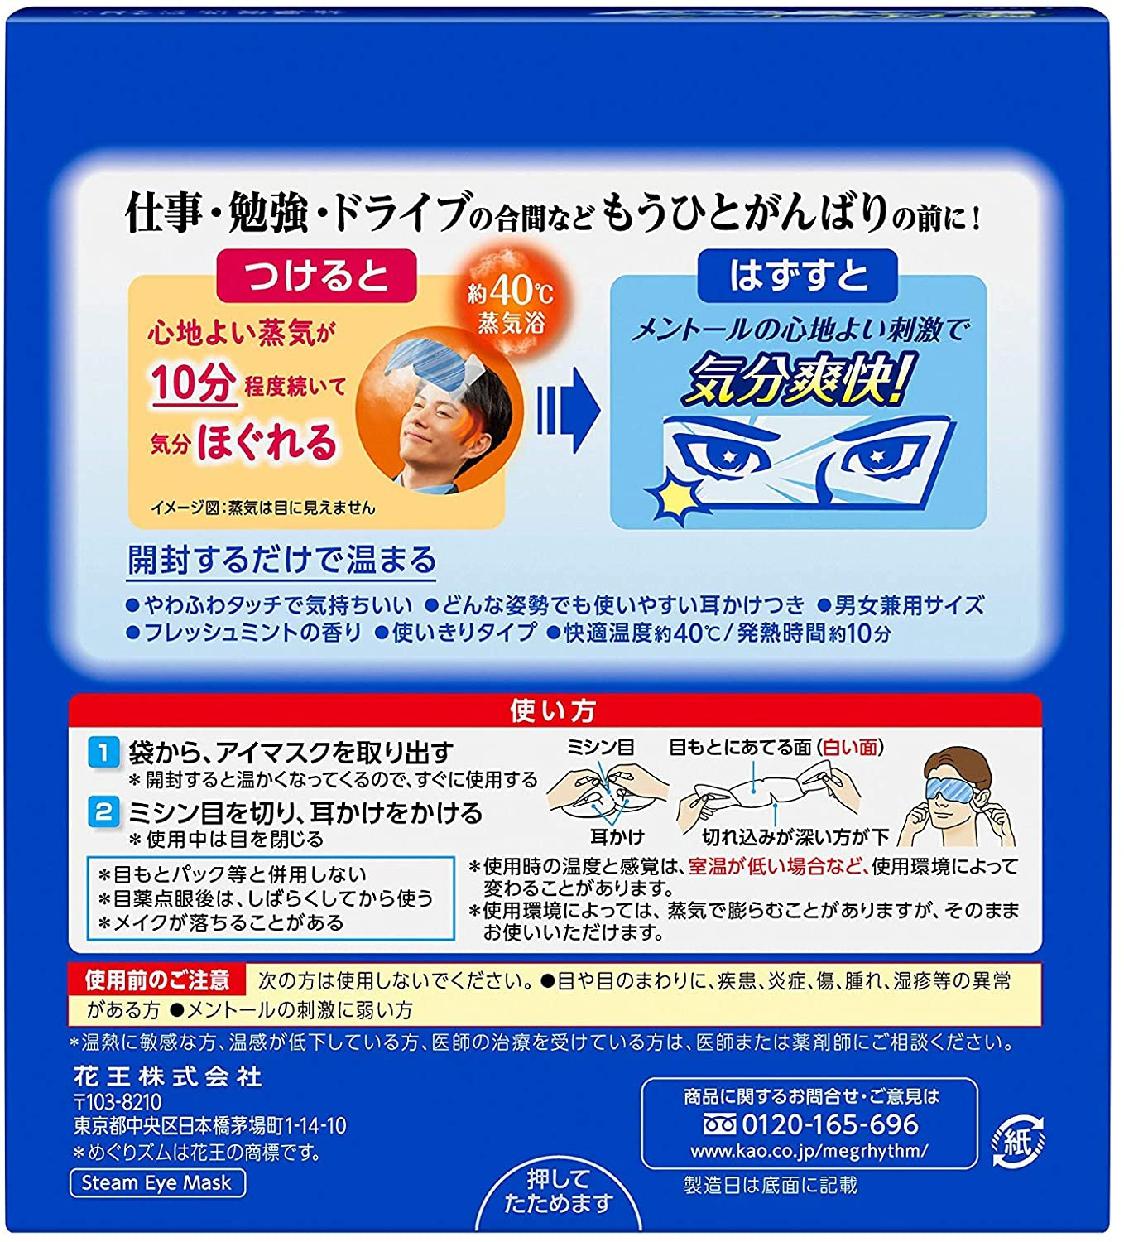 めぐりズム 蒸気でアイマスク メントールinの商品画像2